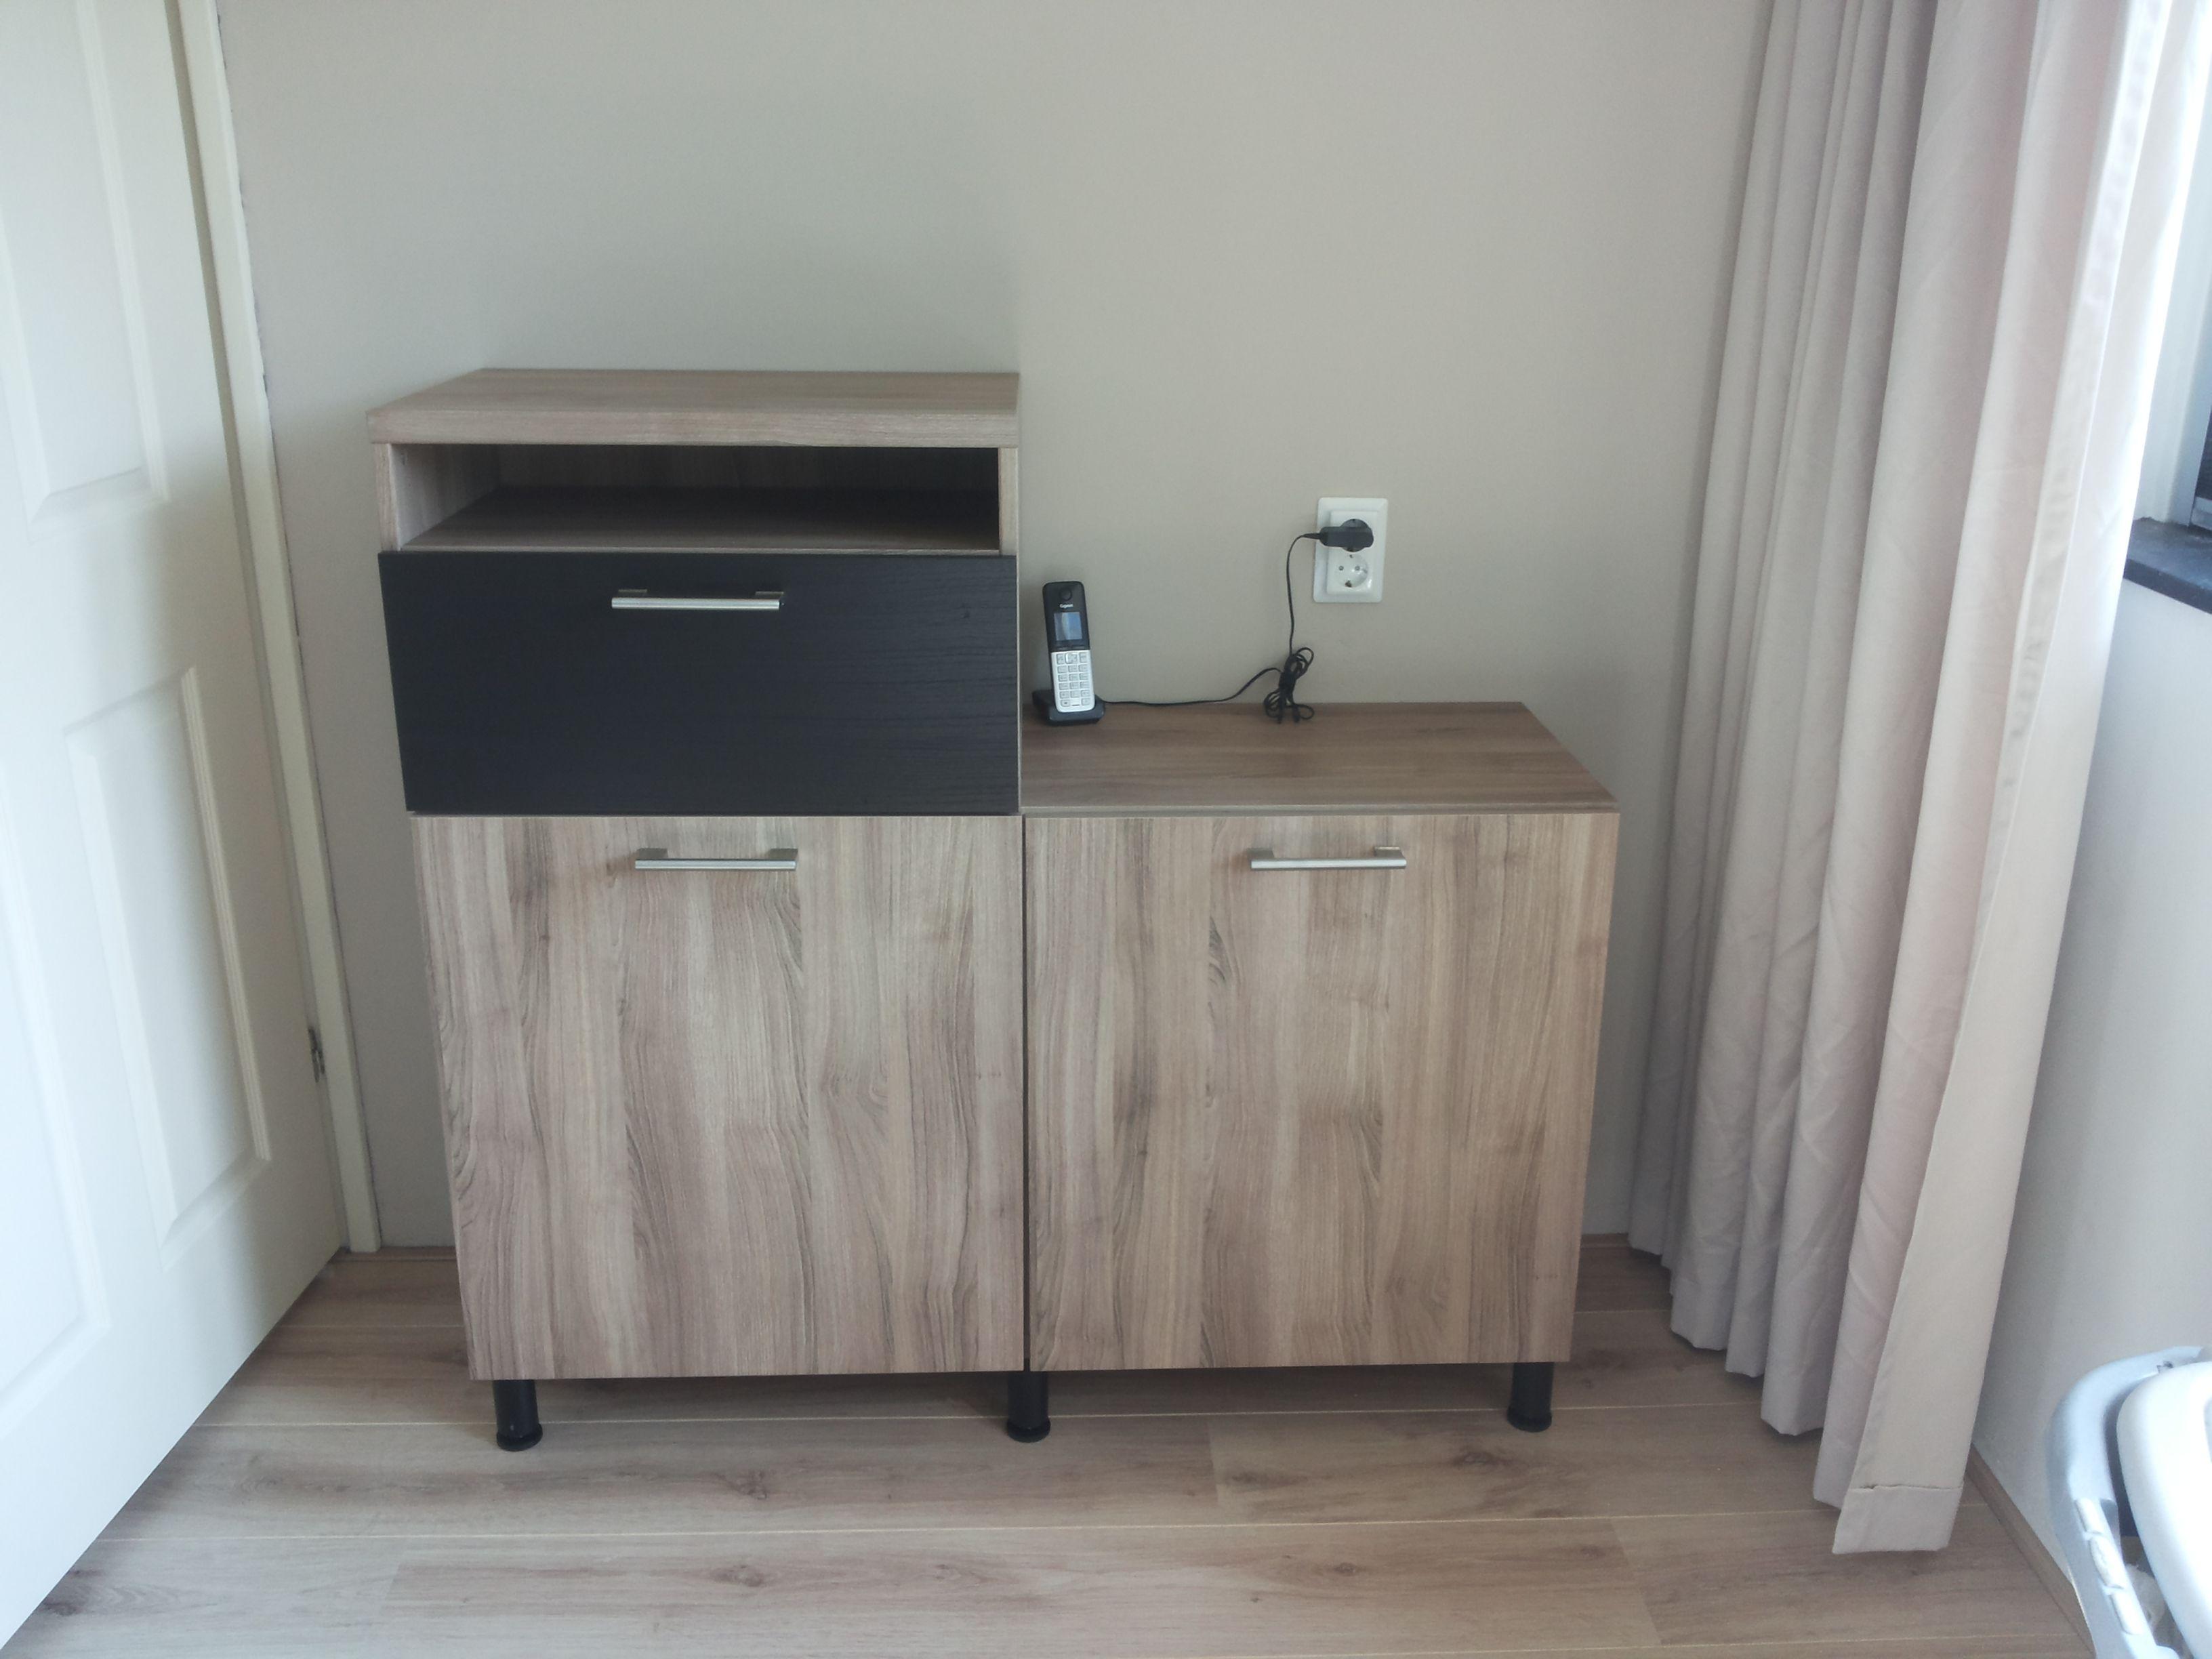 Besta tilt out hamper IKEA Hackers Laundry Room